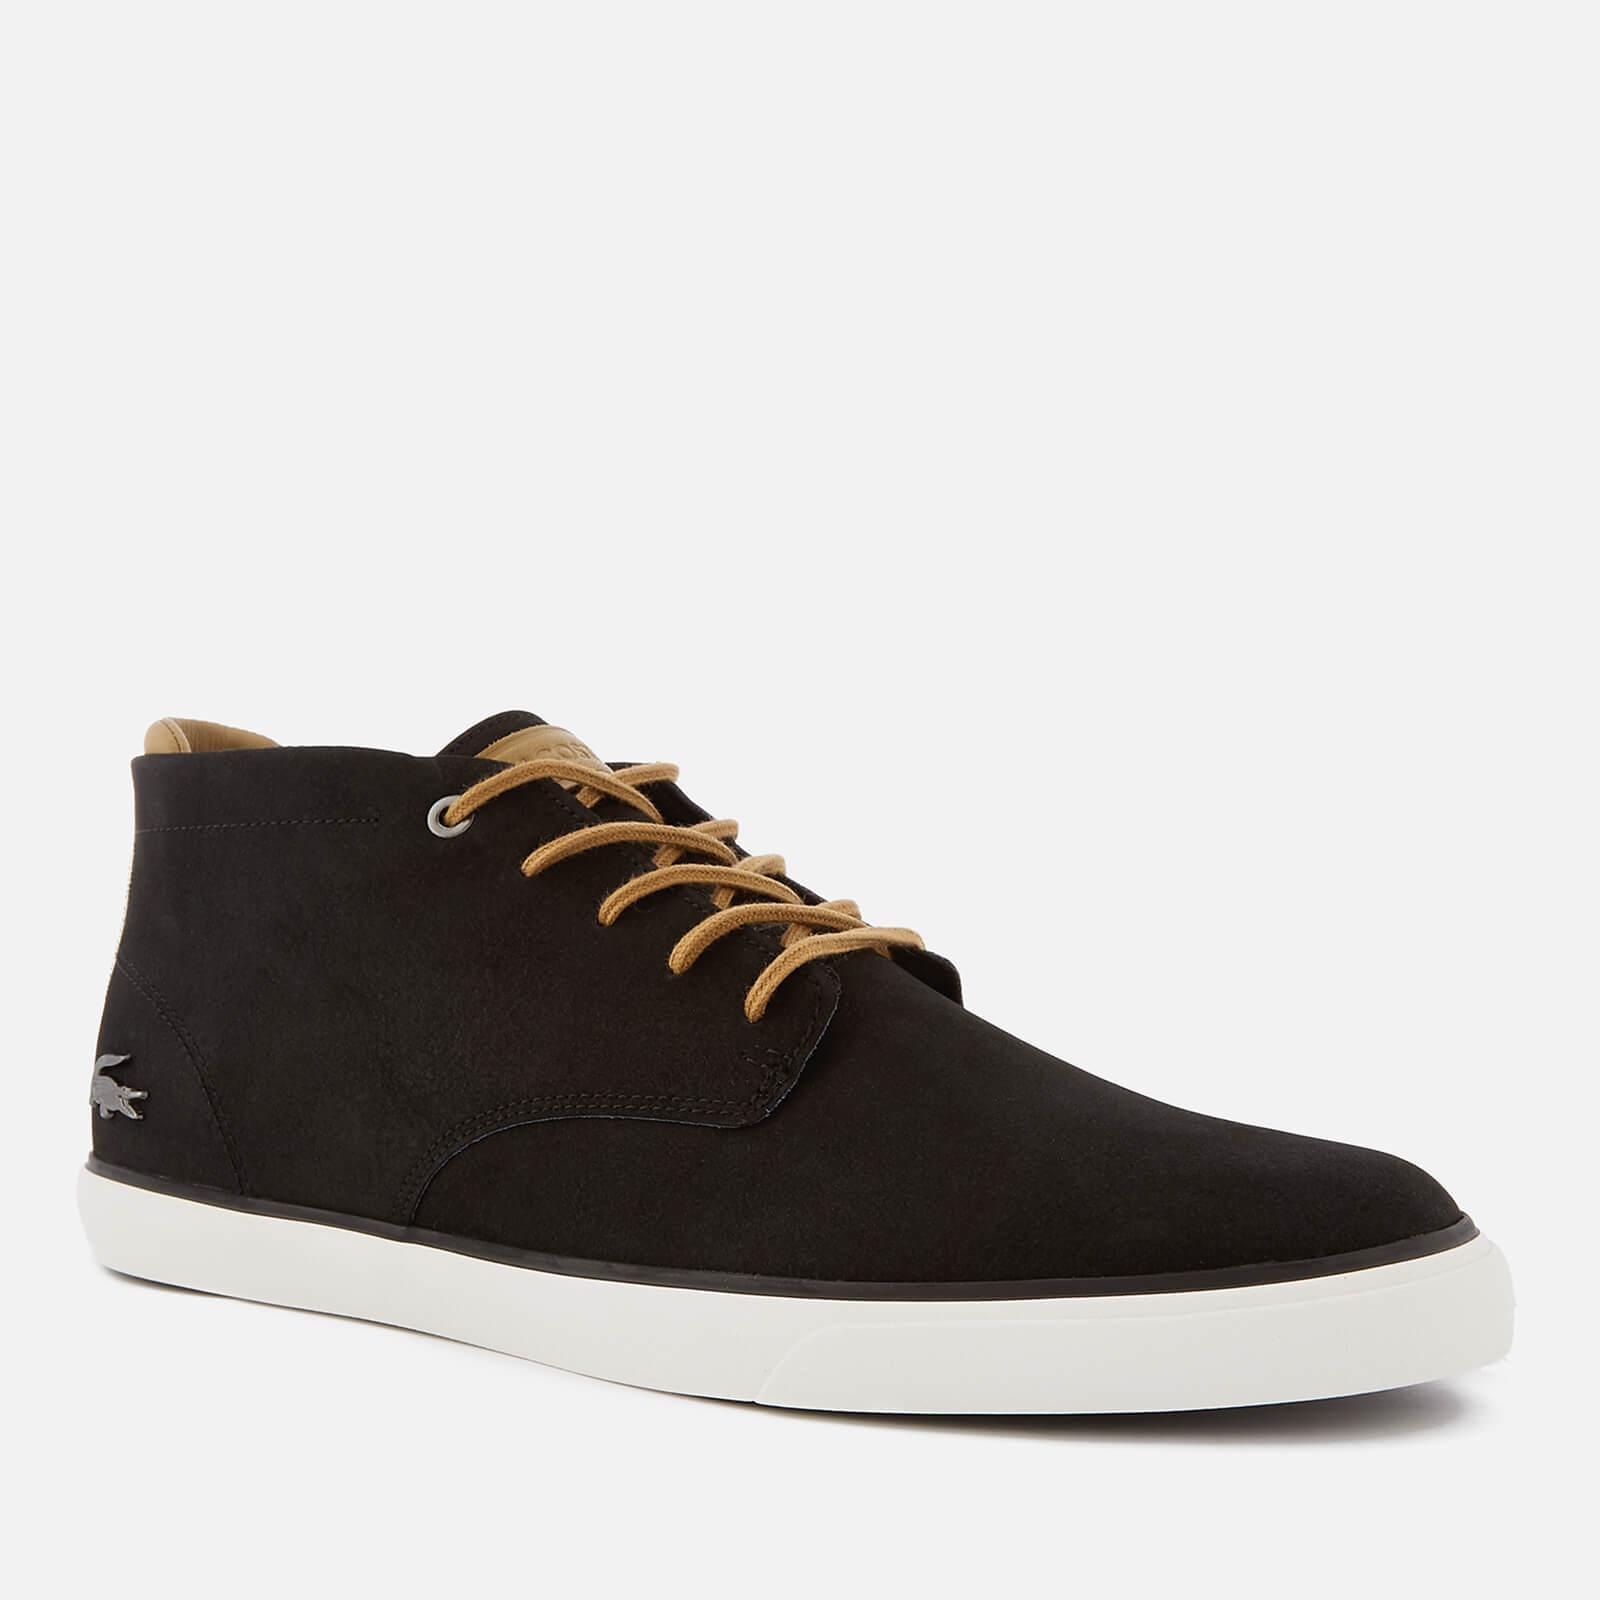 Lacoste Leather Esparre 118 1 Nubuck